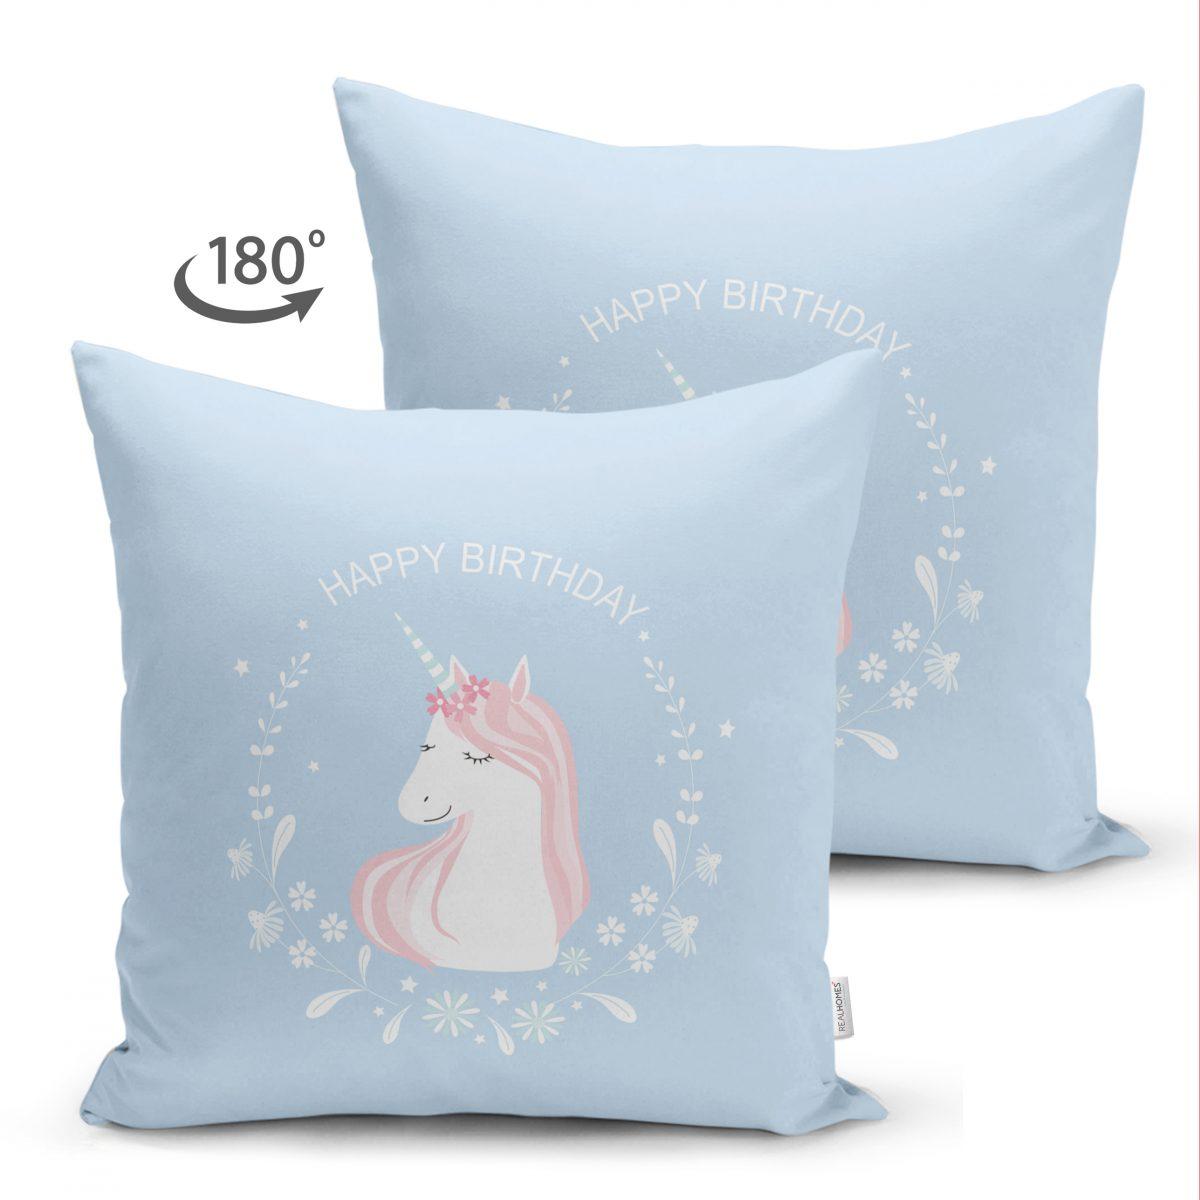 Çift Taraflı Mavi Zeminde Unicorn At Tasarımlı Bebek Odası Süet Yastık Kırlent Kılıfı Realhomes